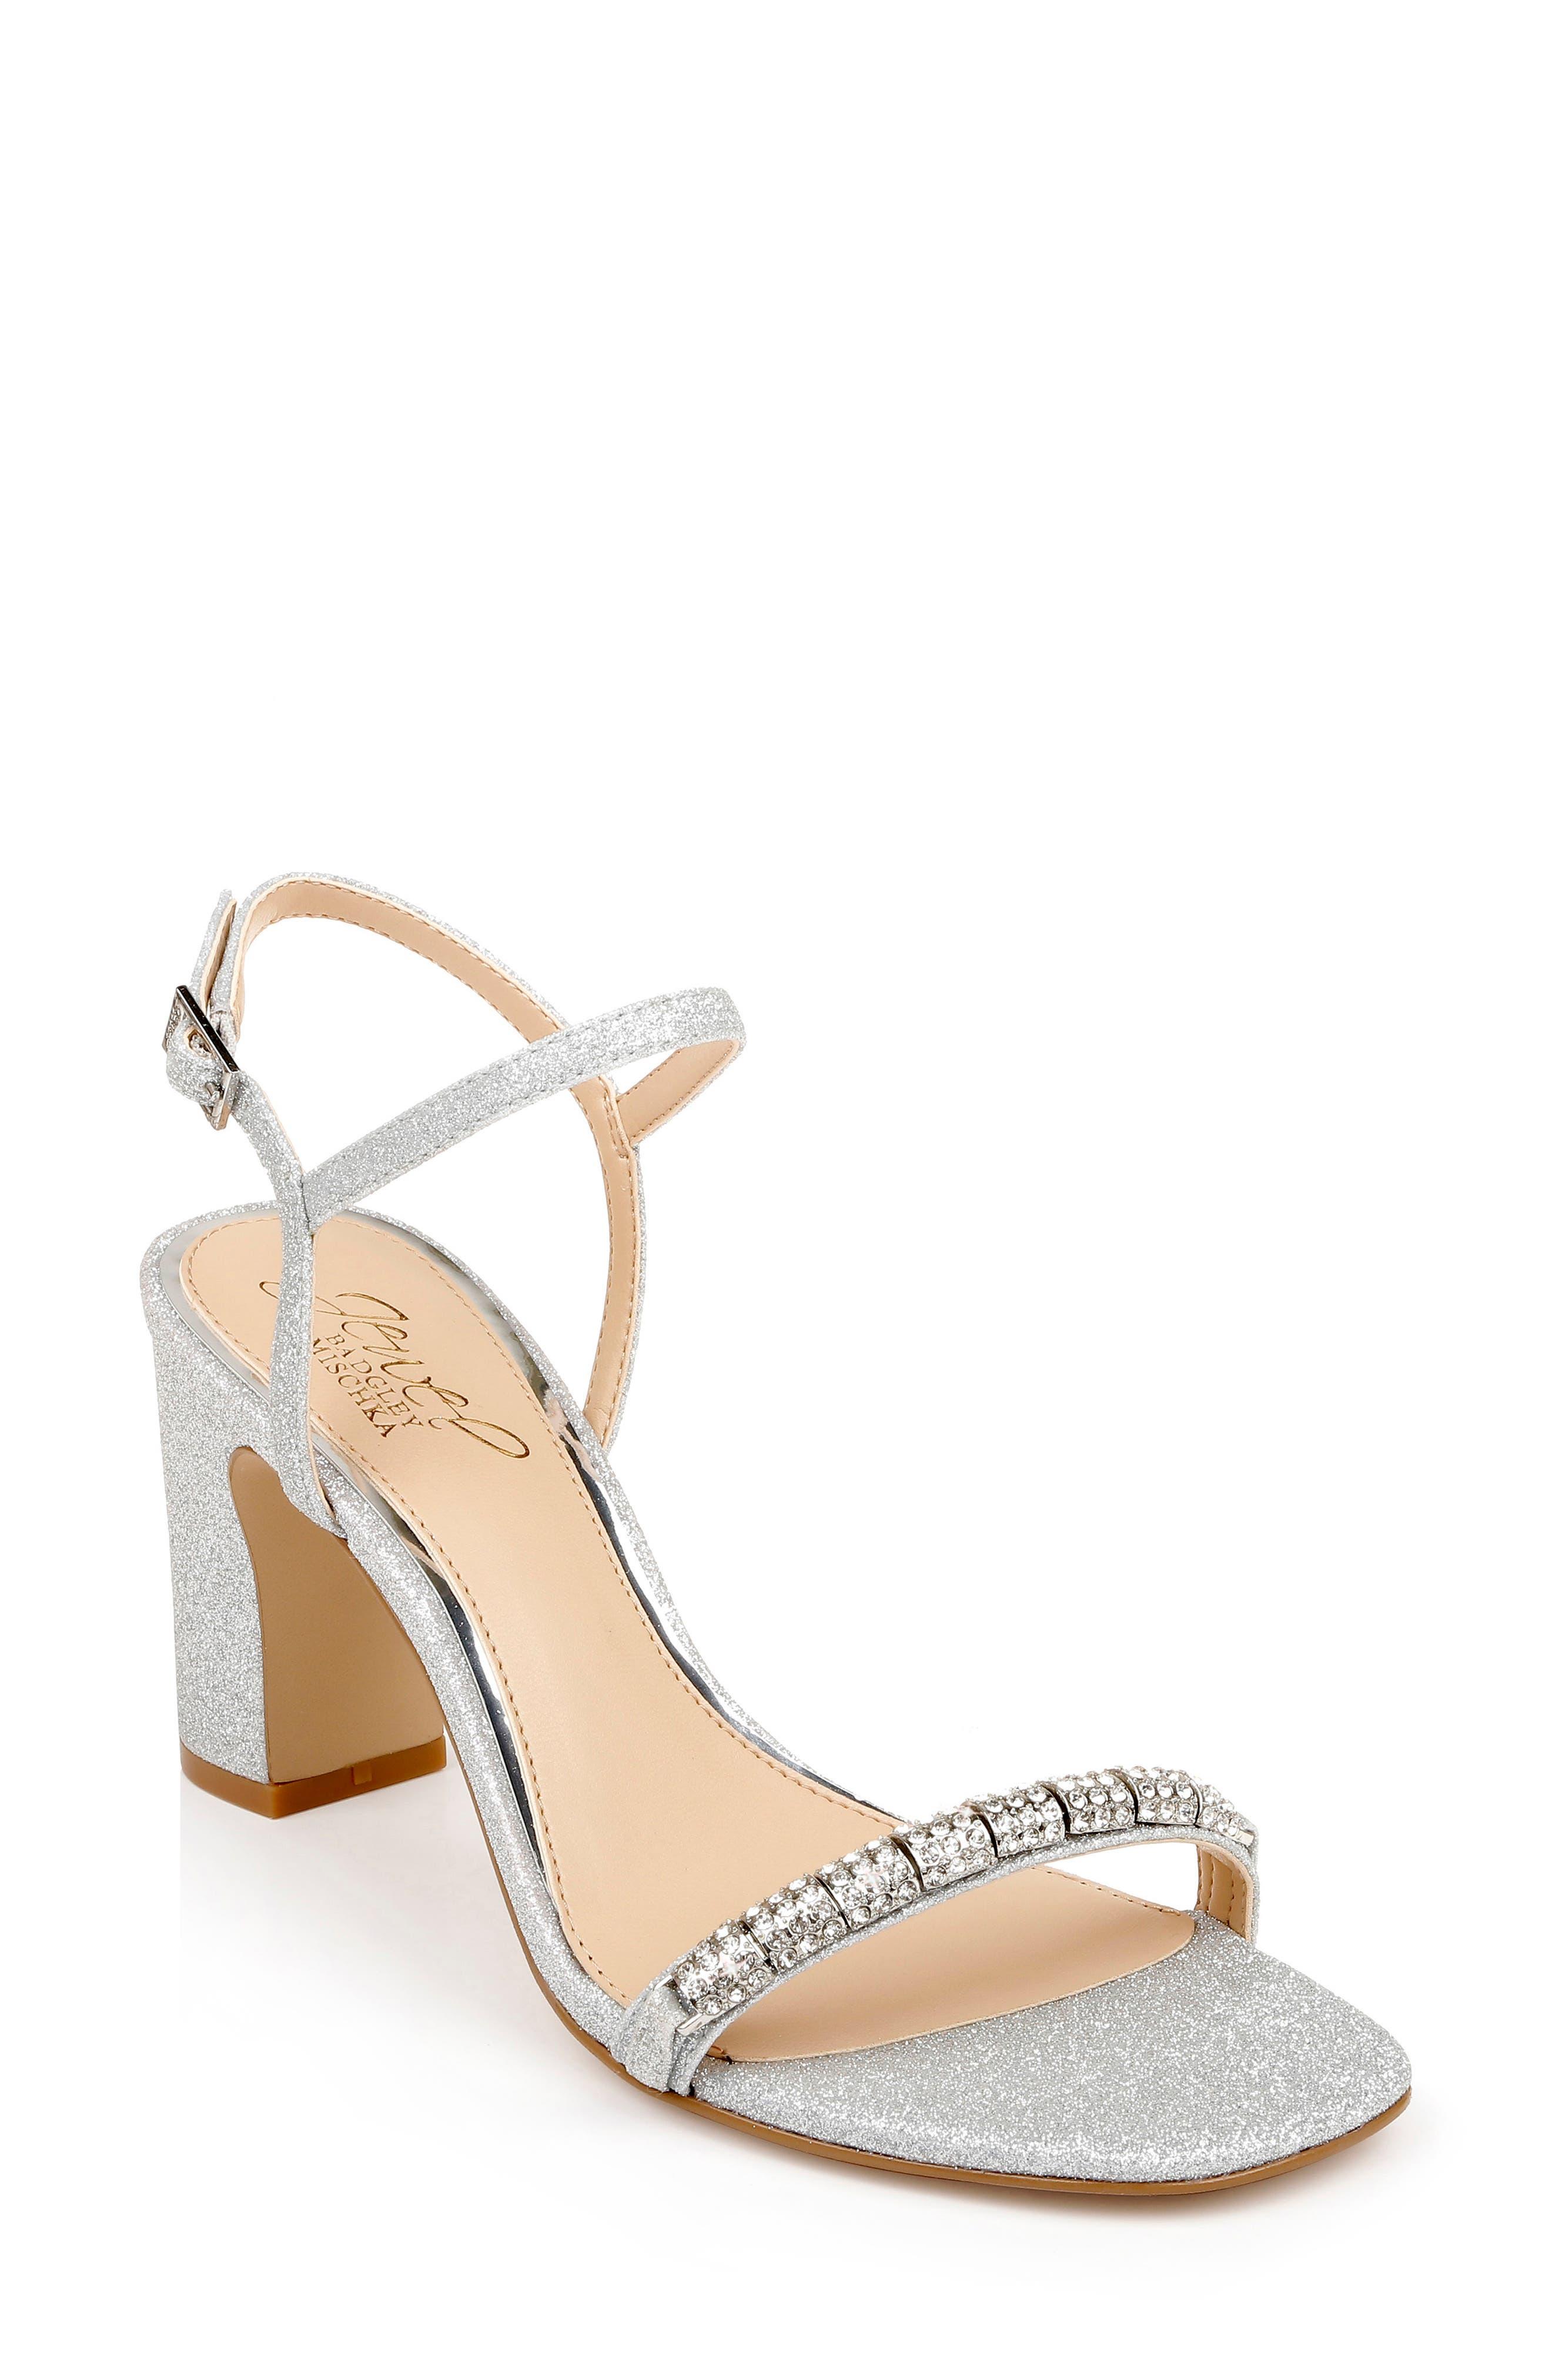 Charlee Block Heel Sandal